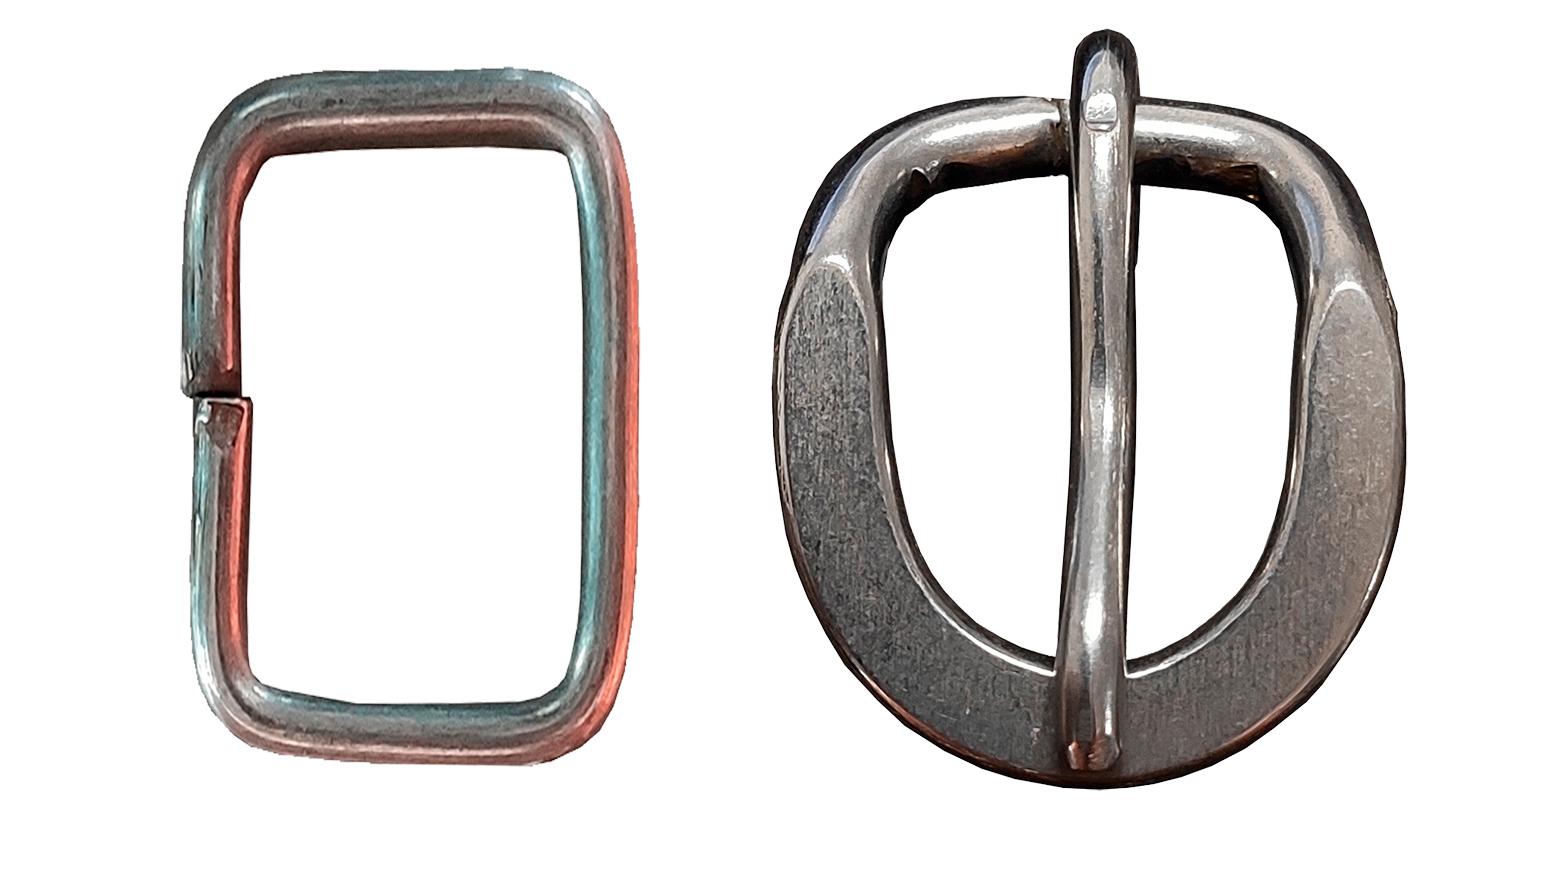 Kit com Passador e Fivela de Inox 2cm